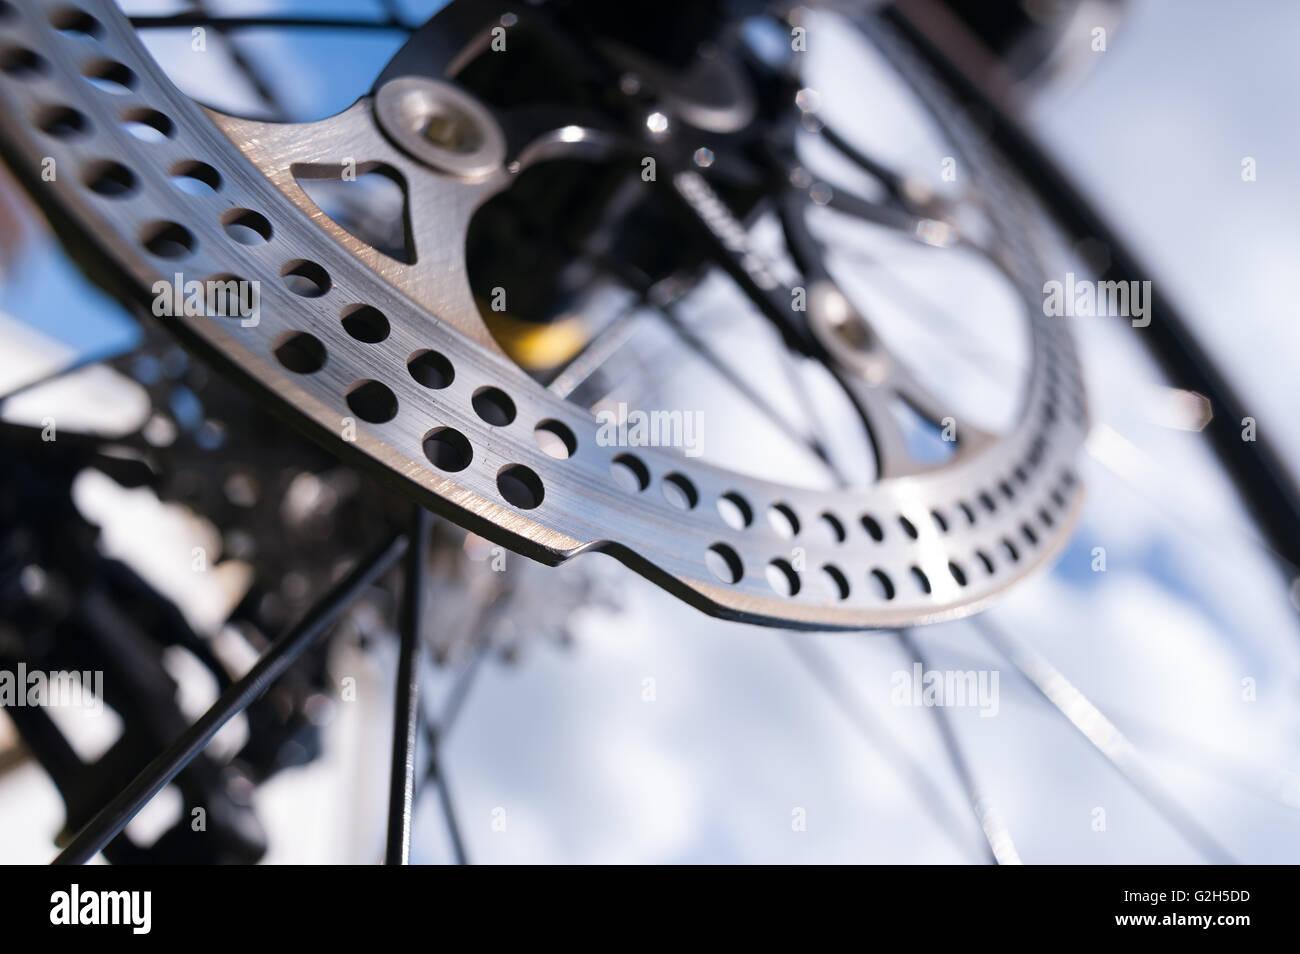 Lamiera di acciaio freno a disco per bicicletta da strada dando grande rottura forte capacità di arresto ma Immagini Stock